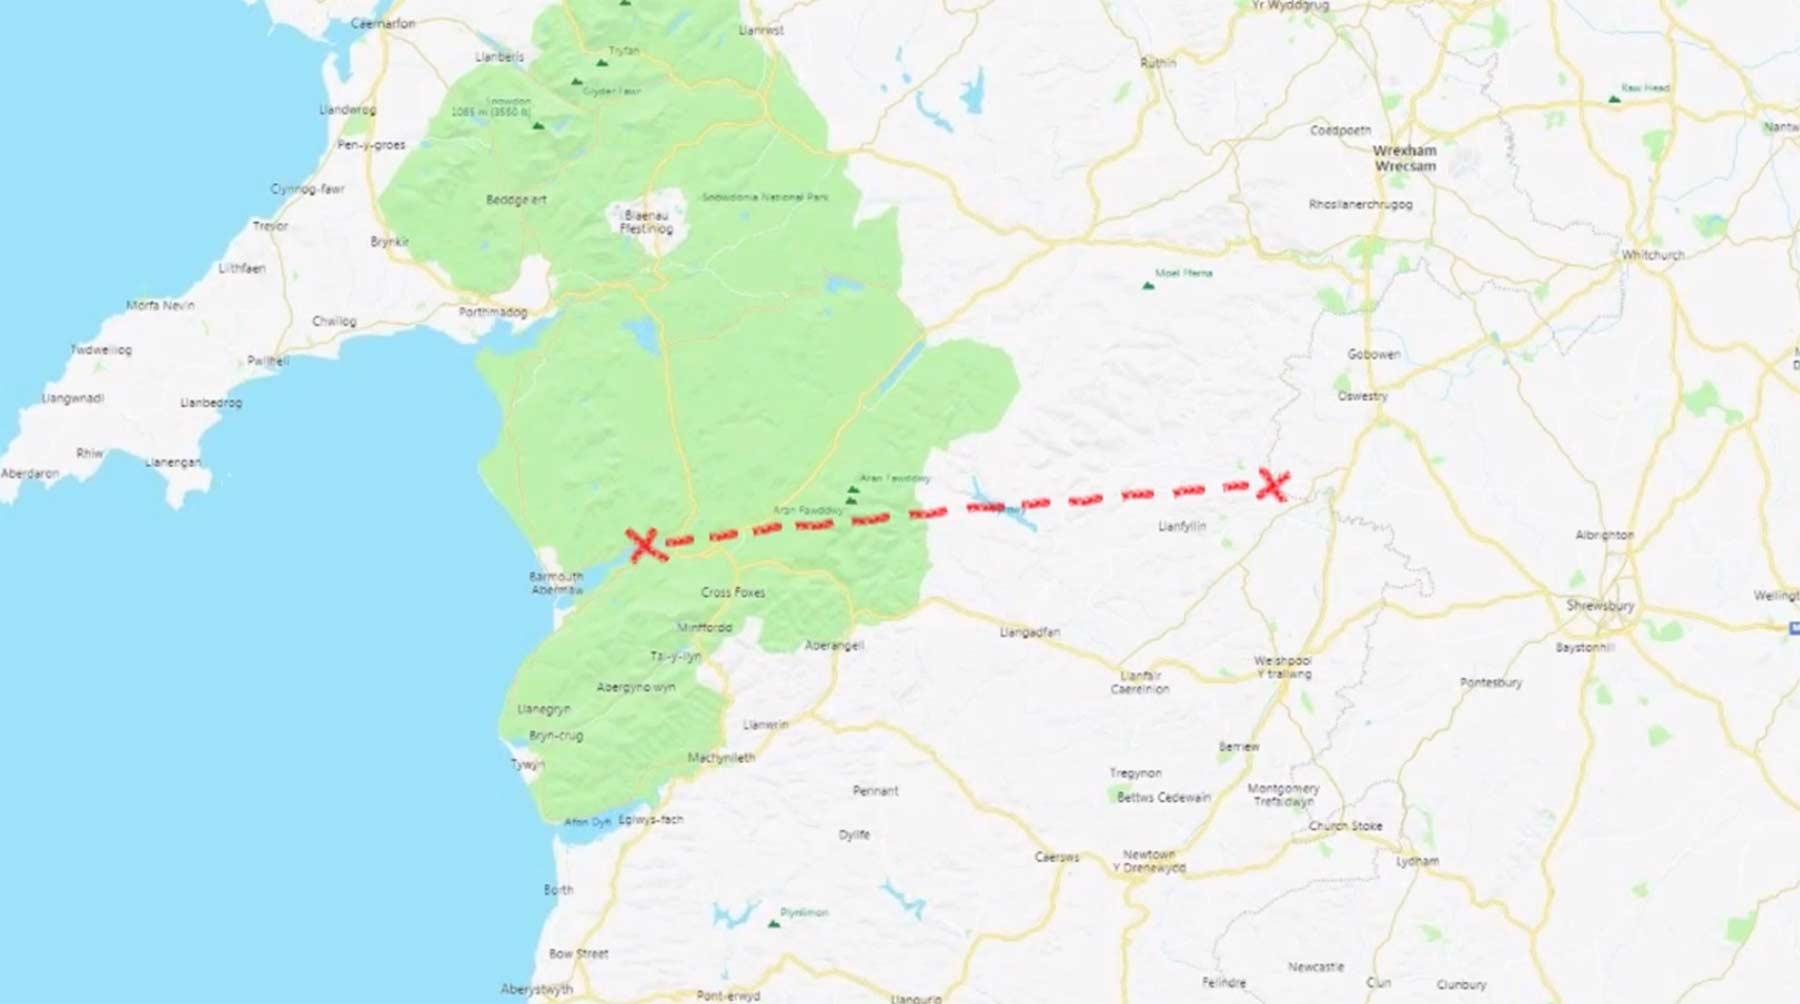 Brite will Wales in absolut gerader Linie durchlaufen ganzes-land-in-gerader-linie-durchqueren